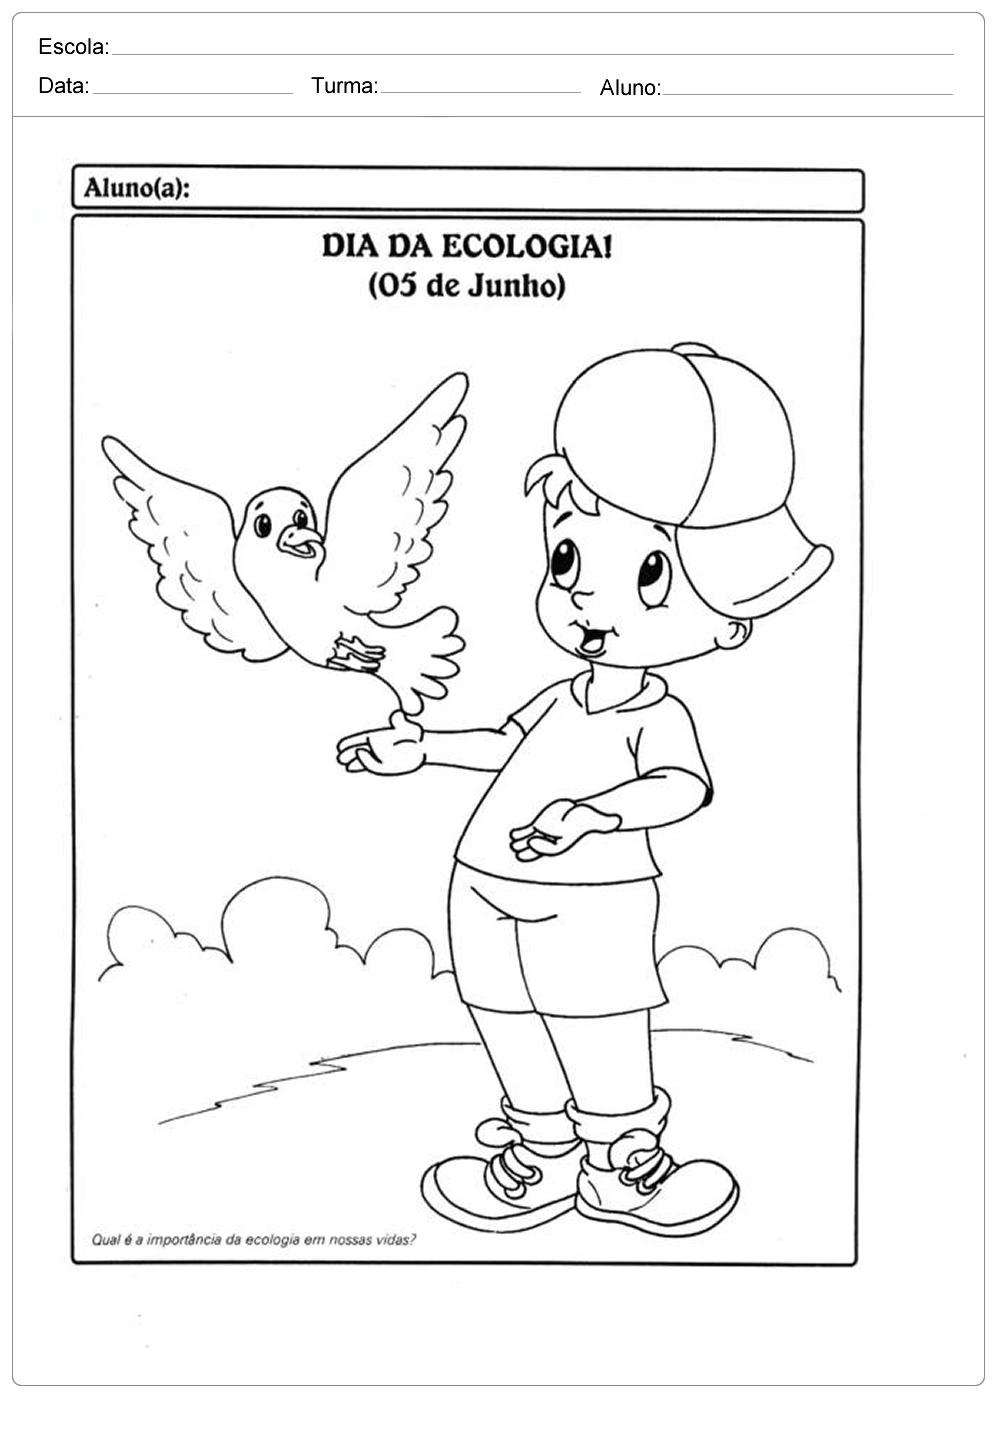 Atividades sobre meio ambiente para educação infantil – Dia da ecologia